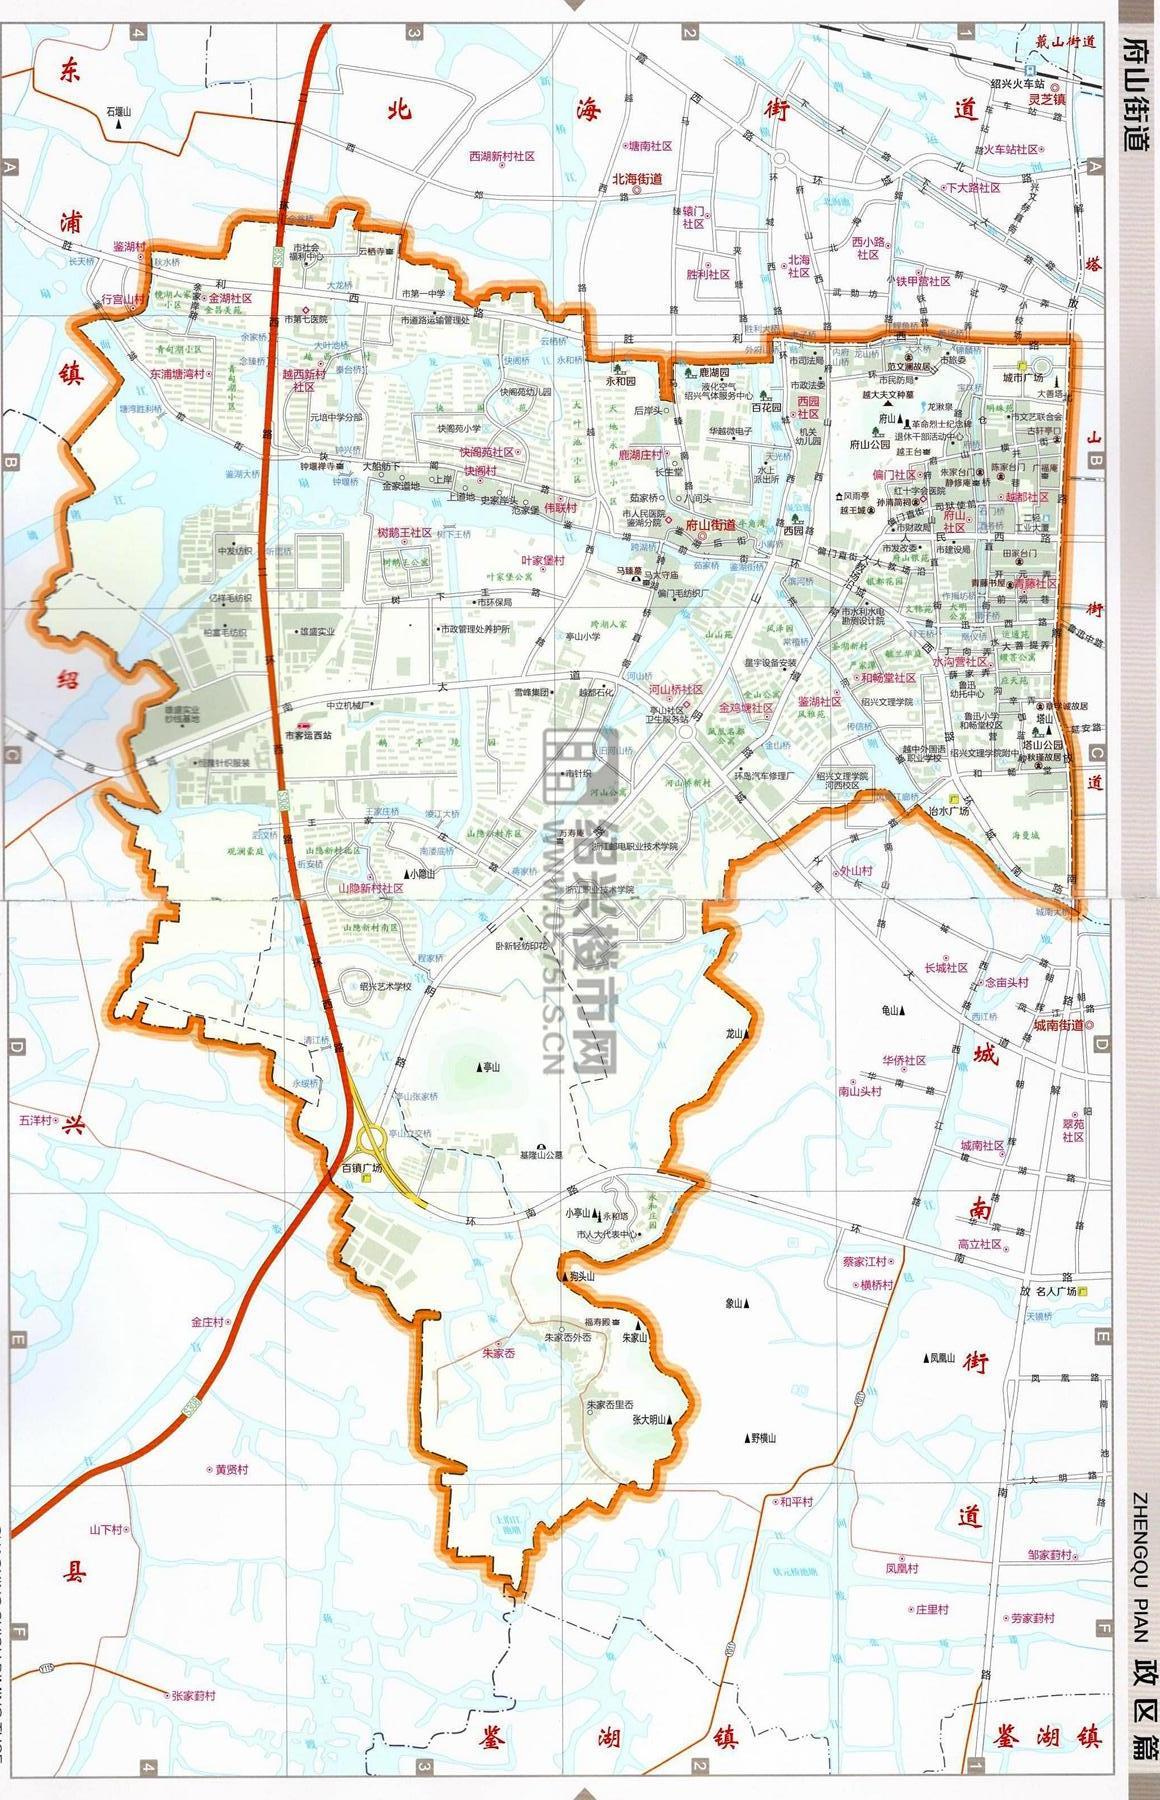 """府山街道19个行政村居行政范围图 在""""绍兴地图"""""""